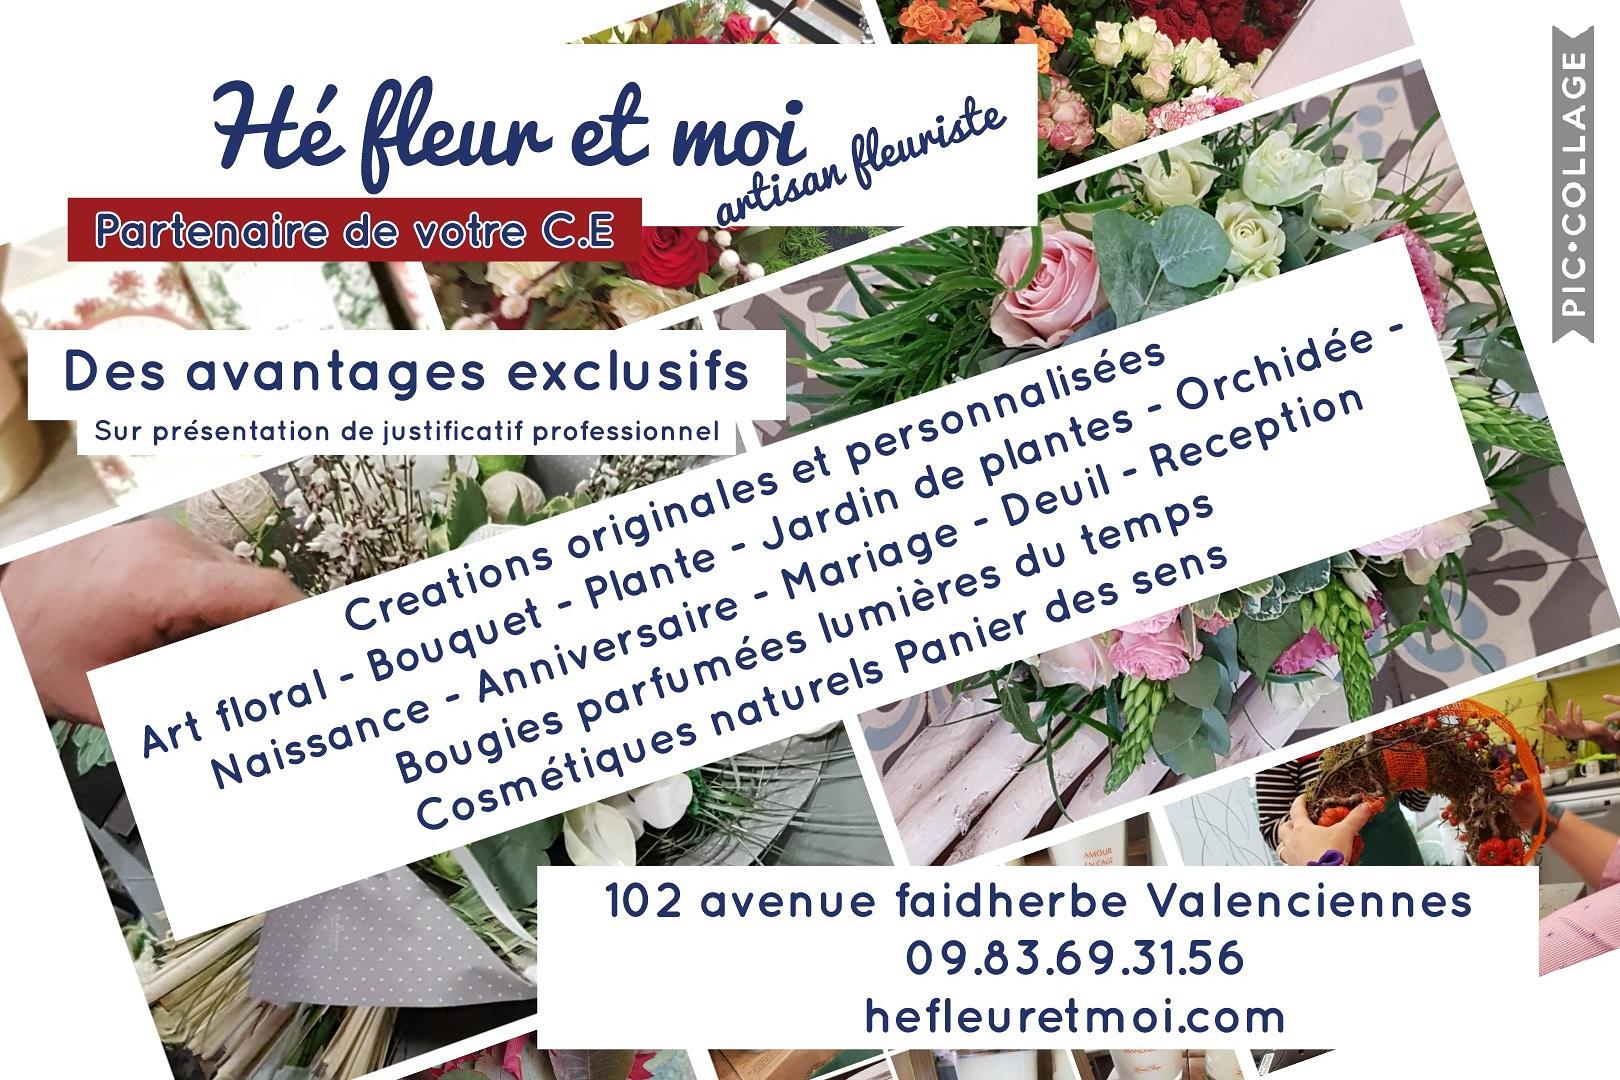 Valenciennes Nouveauté partenariat comité d entreprise Votre Comité d'Entreprise est partenaire ou futur partenaire de Hé fleur et moi fleuriste de Valenciennes? Vous pouvez bénéfi